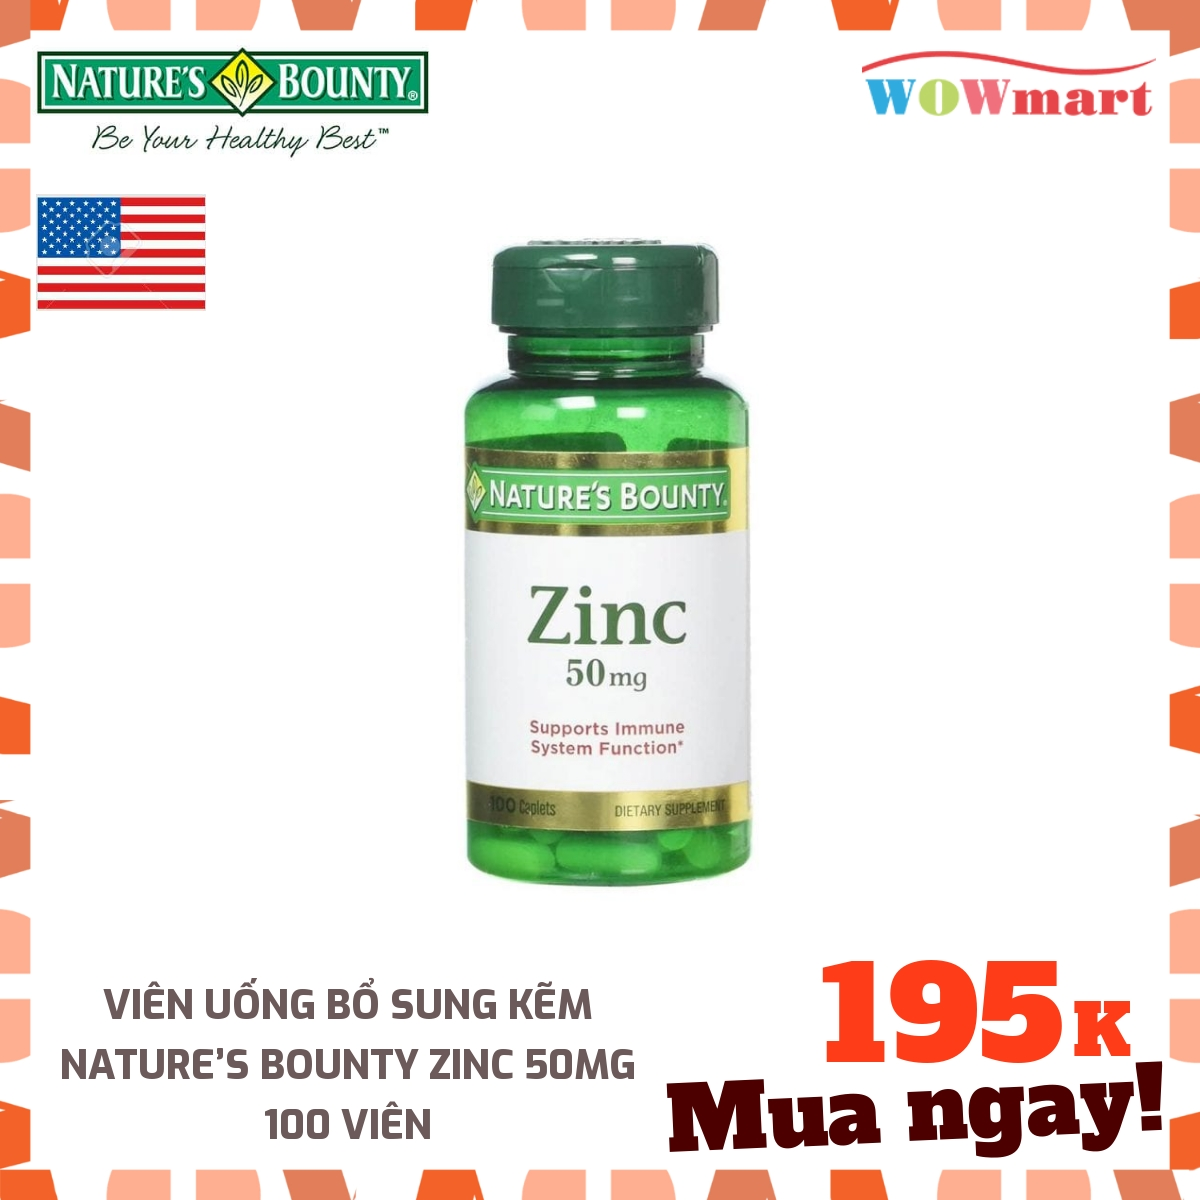 Viên uống bổ sung kẽm Nature's Bounty Zinc 50mg 100 viên - [Mỹ]